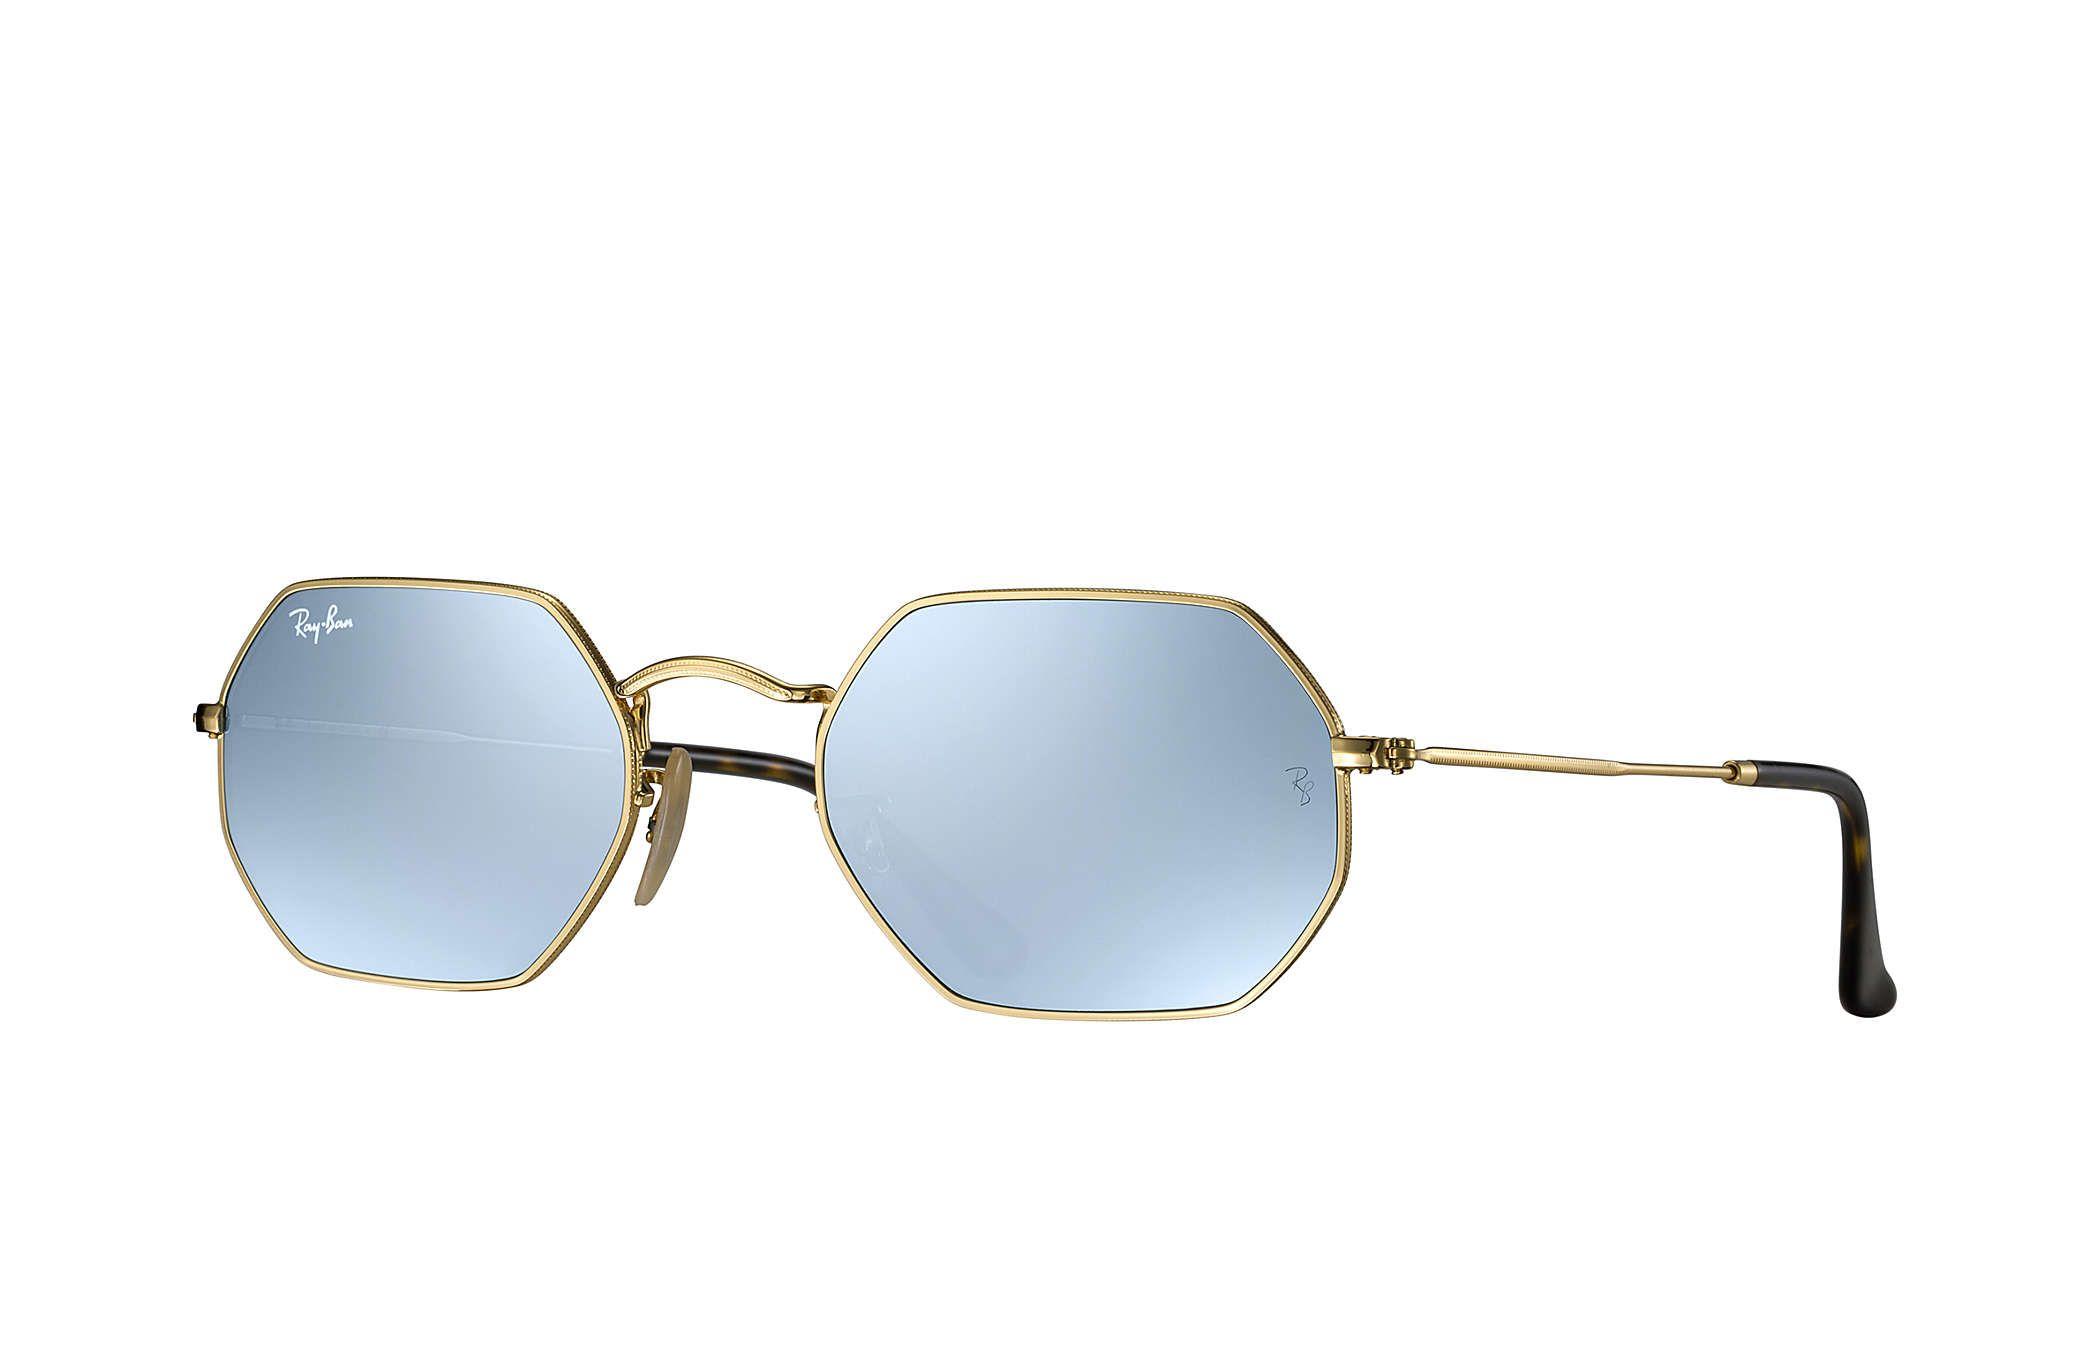 Ray-Ban 0RB3556N-OCTAGONAL FLAT LENSES Gold SUN Comprar Óculos De Sol On- d34f9b5e6c